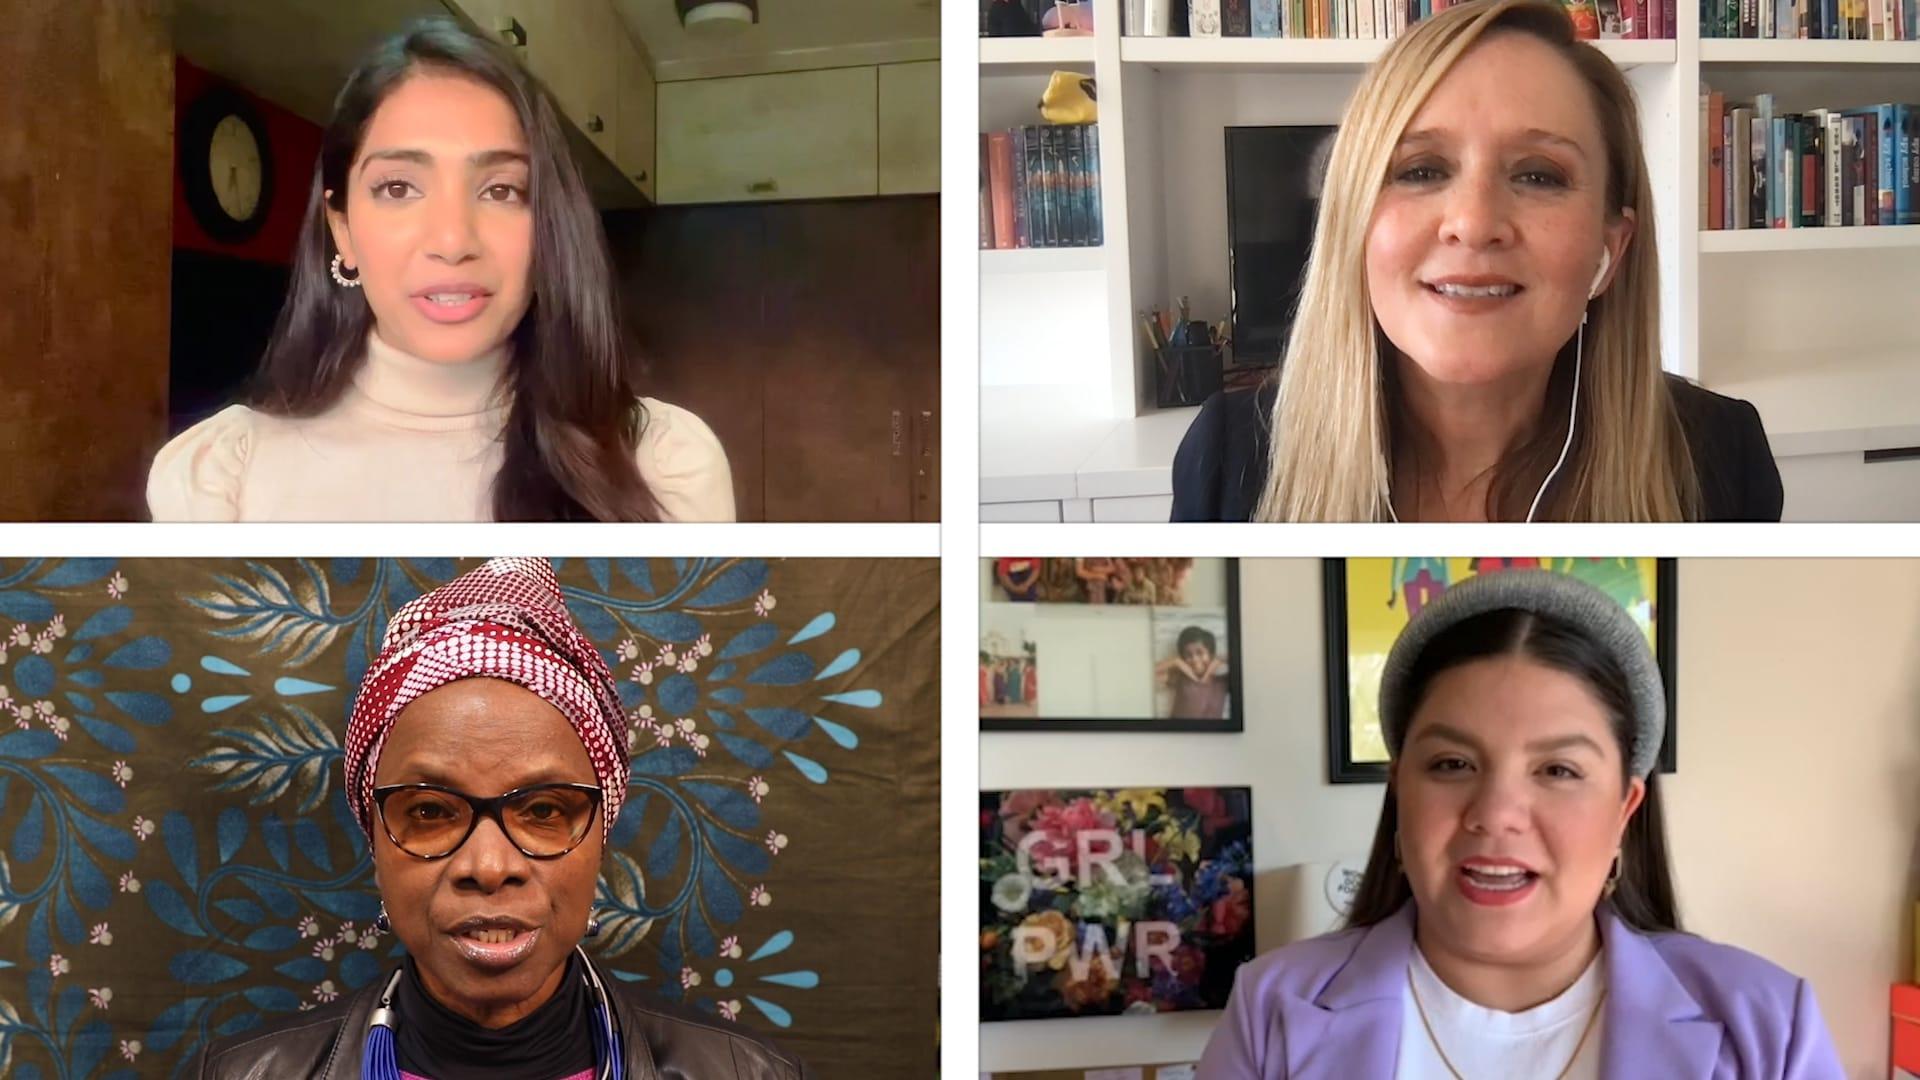 بمناسبة اليوم العالمي للمرأة..نساء من حول العالم يشاركن دروساً من جائحة كورونا